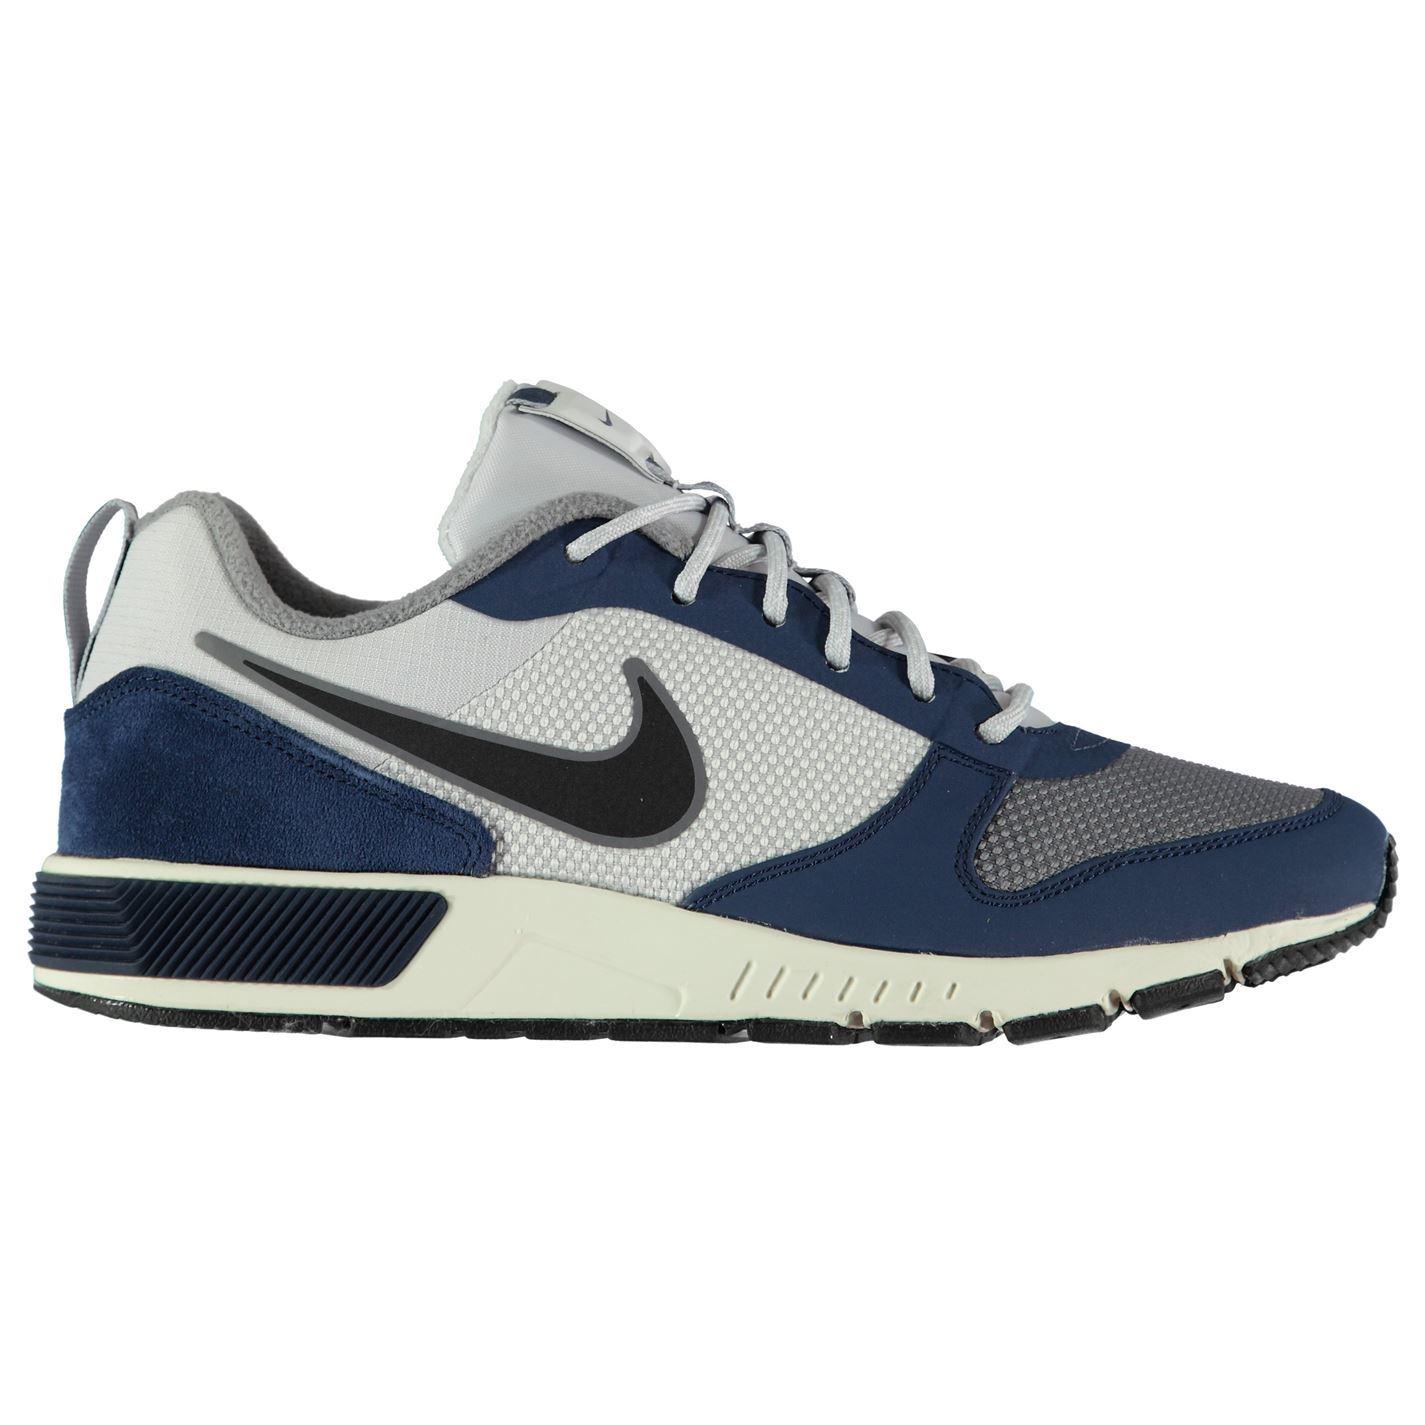 nike  flex 2012 ext mens scarpe da corsa formatori grey / delle scarpe rosse